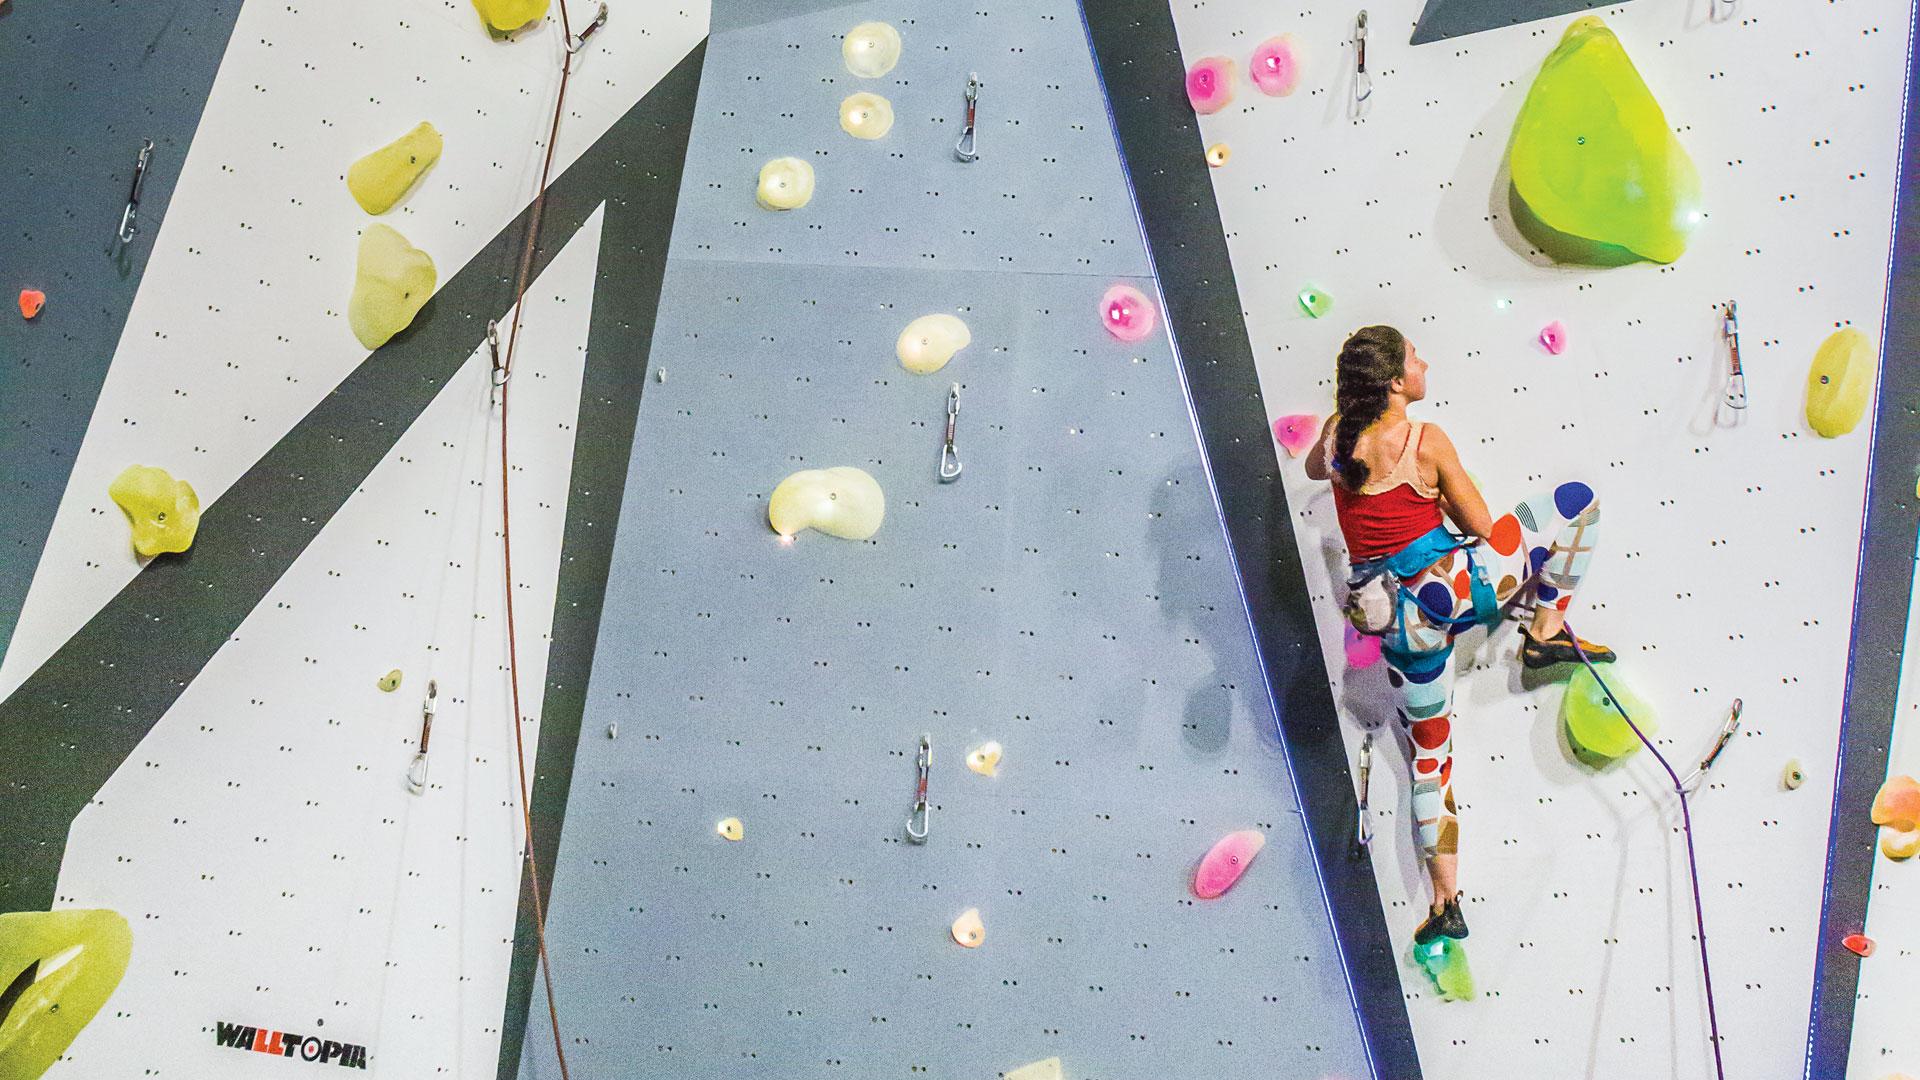 Walltopia lead climbing course